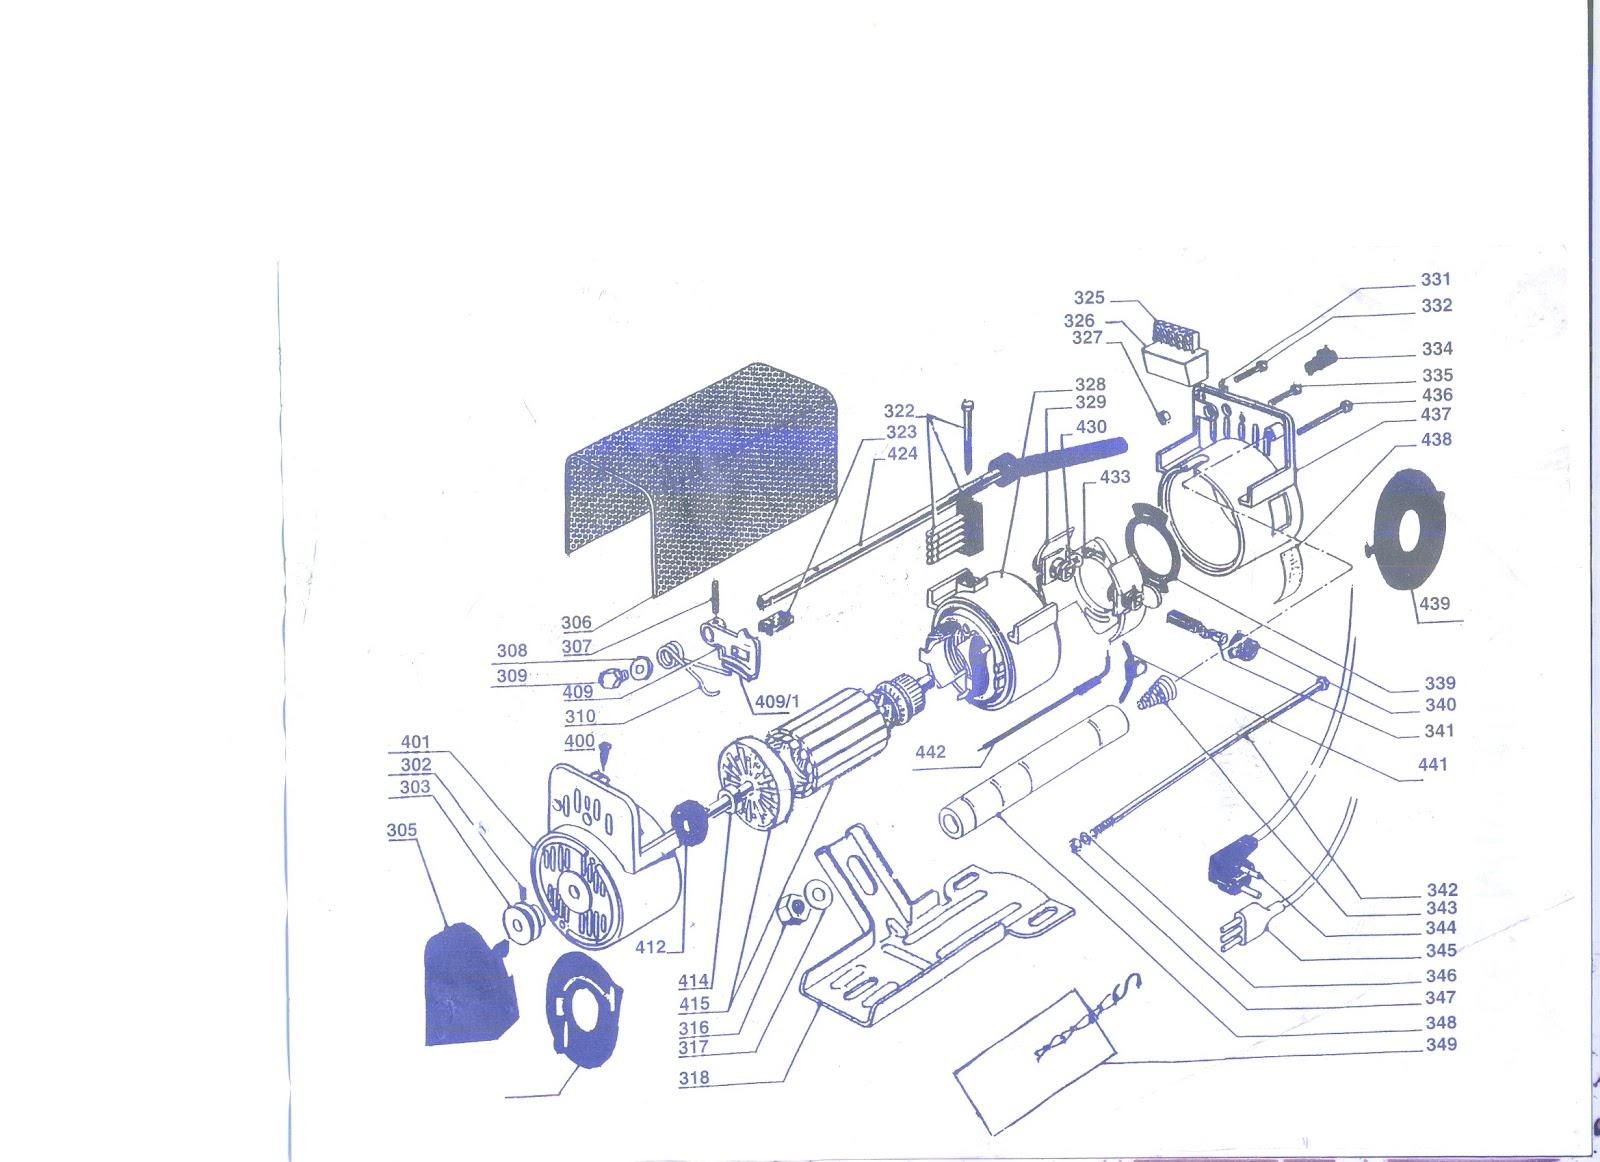 Maquinas de Coser: Despiece del motor Ocel para máquina de